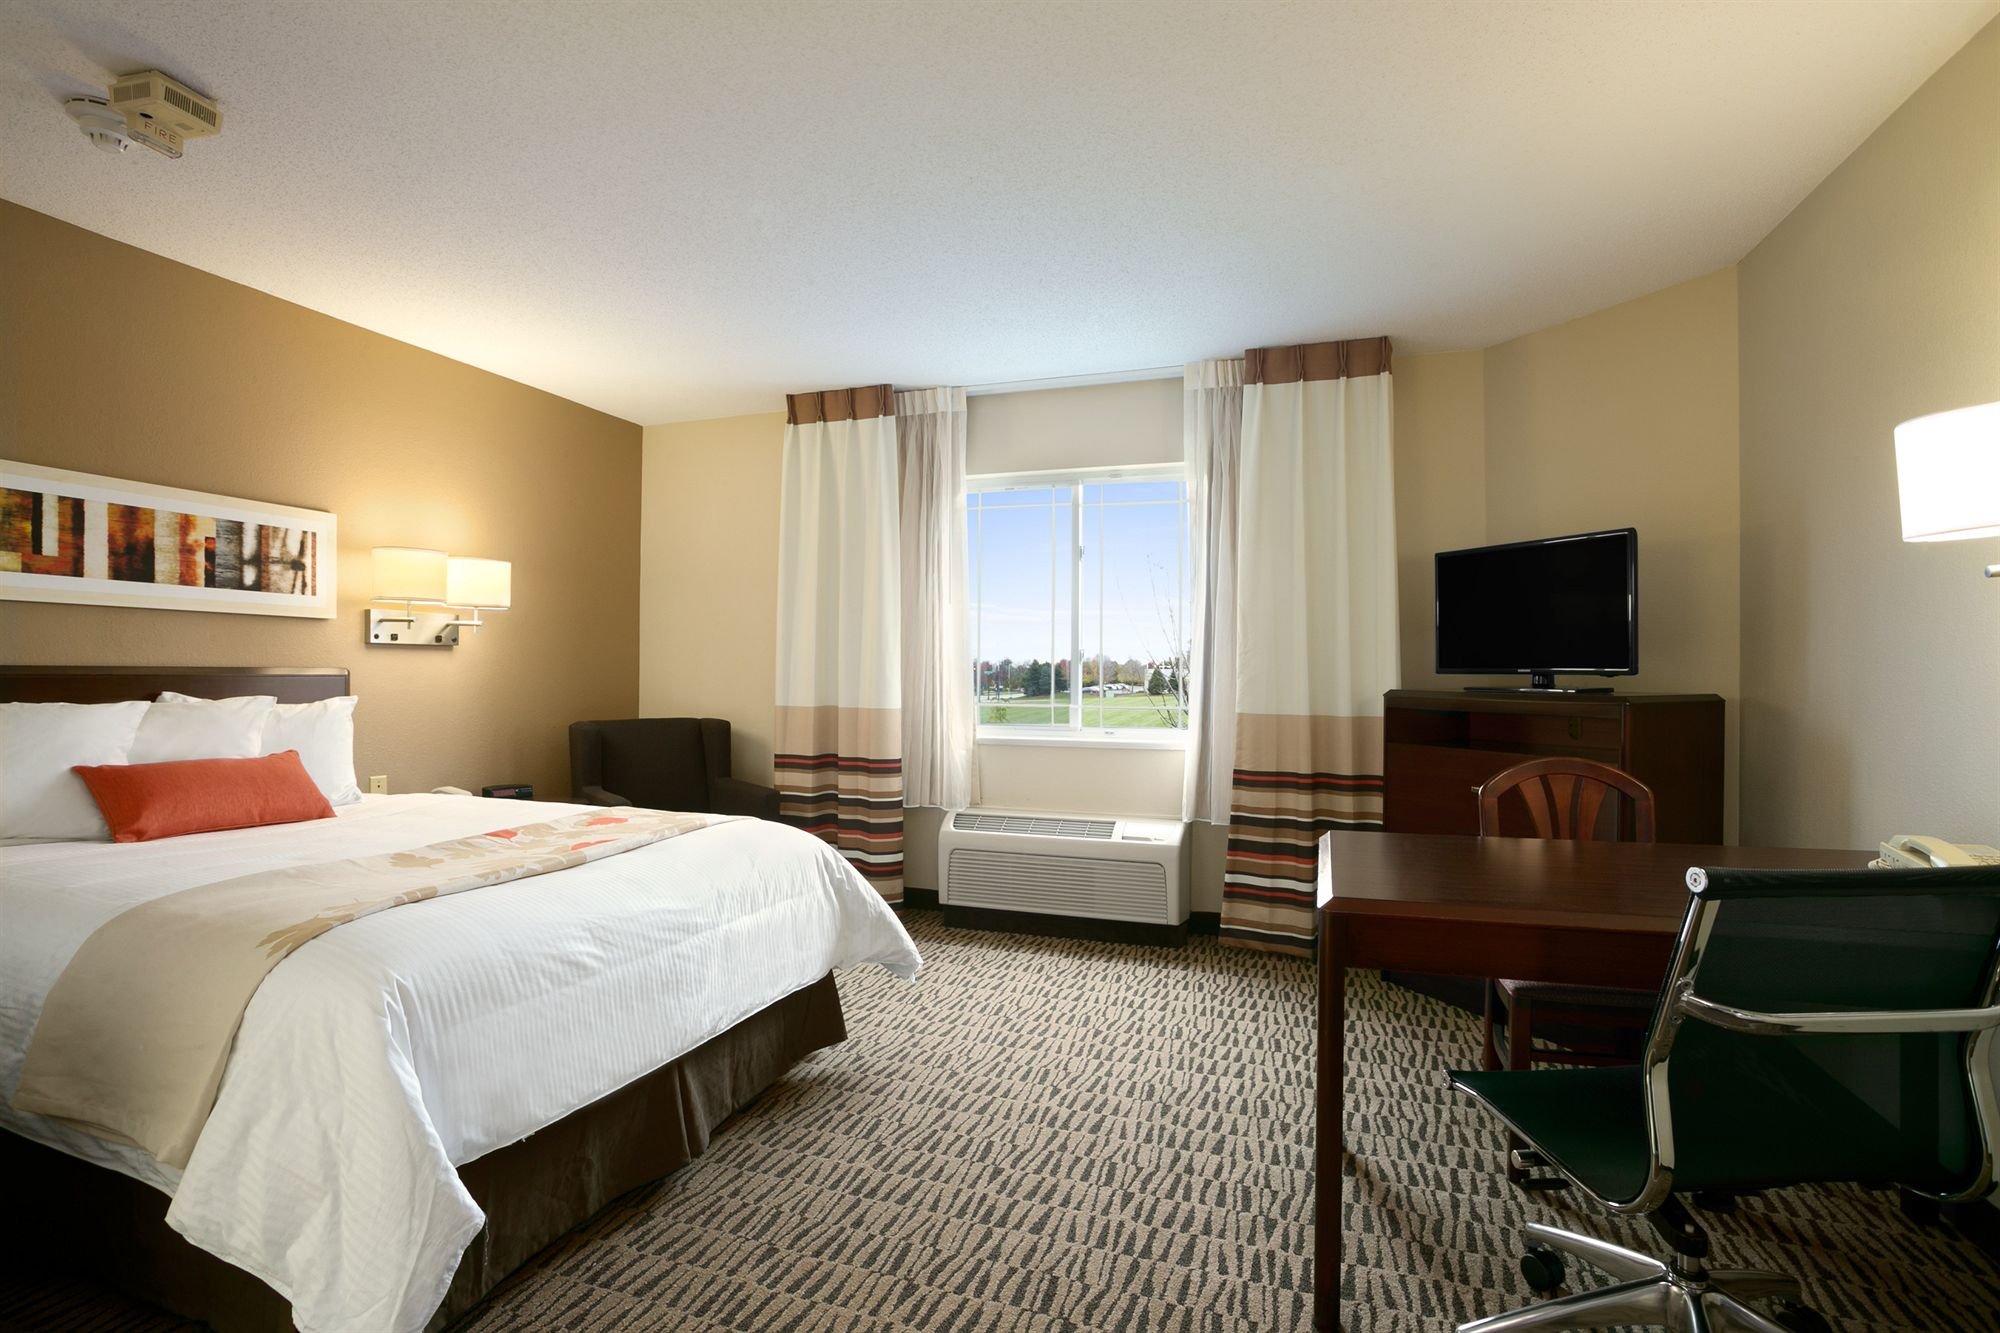 Hawthorn Suites by Wyndham Chicago Hoffman Estates